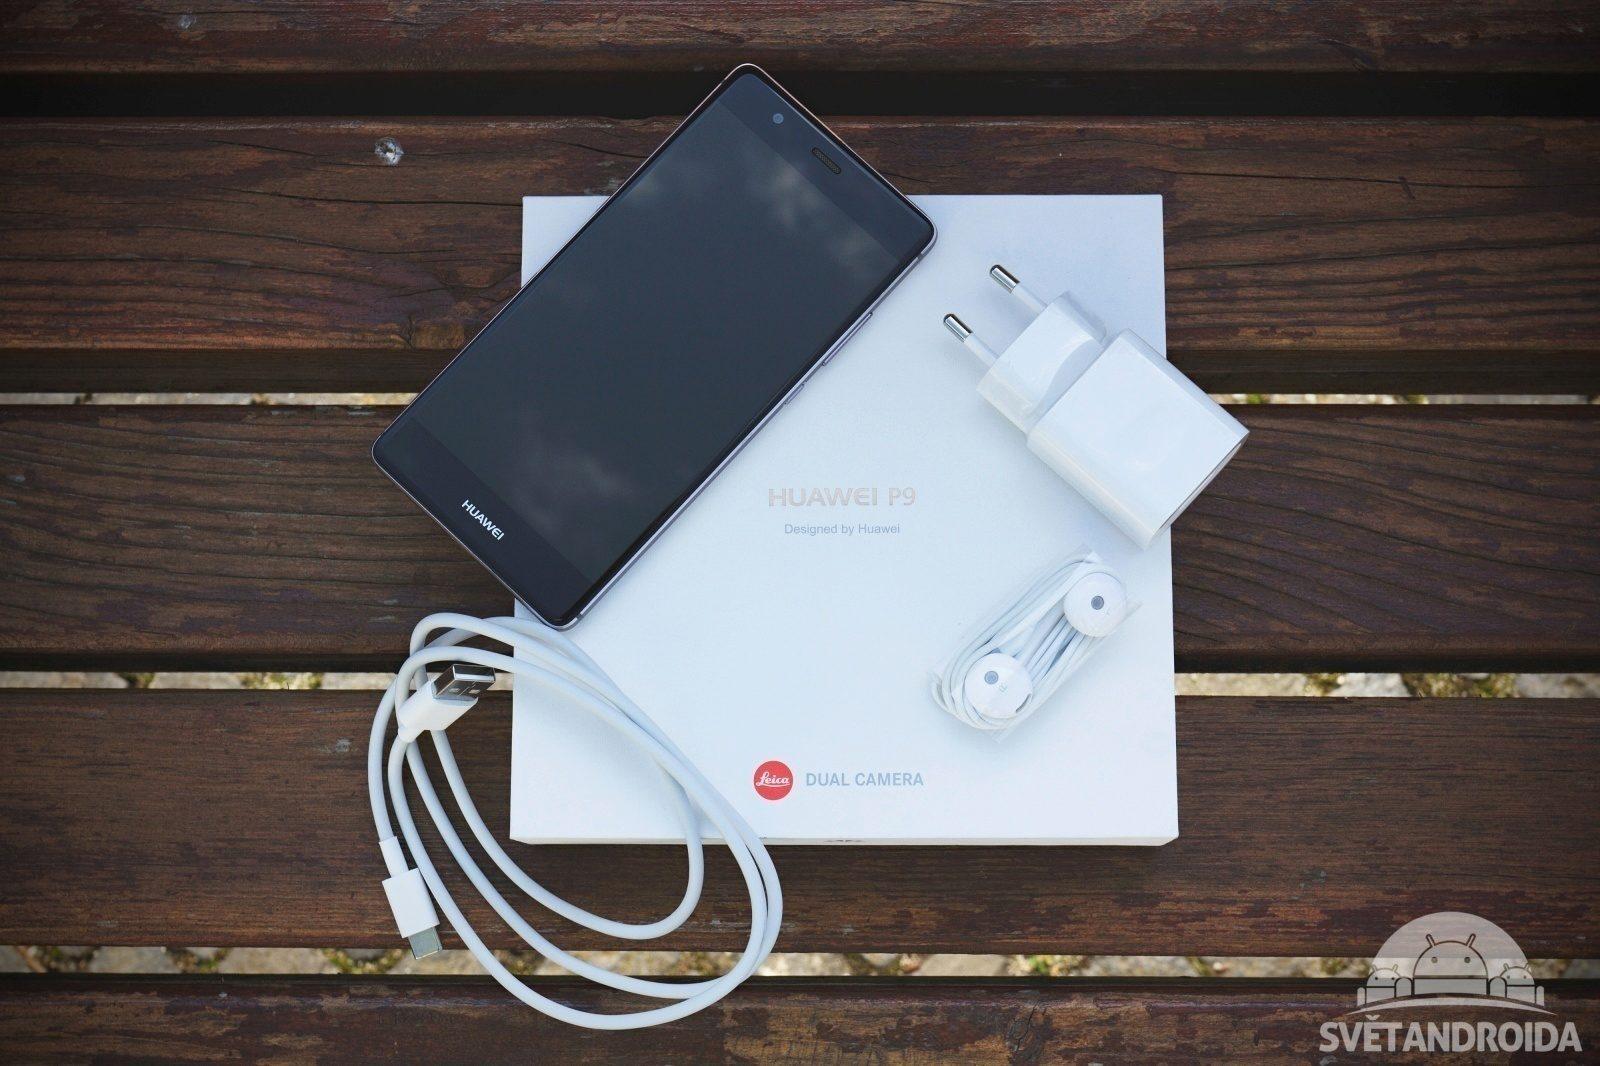 Huawei P9 obsah balení